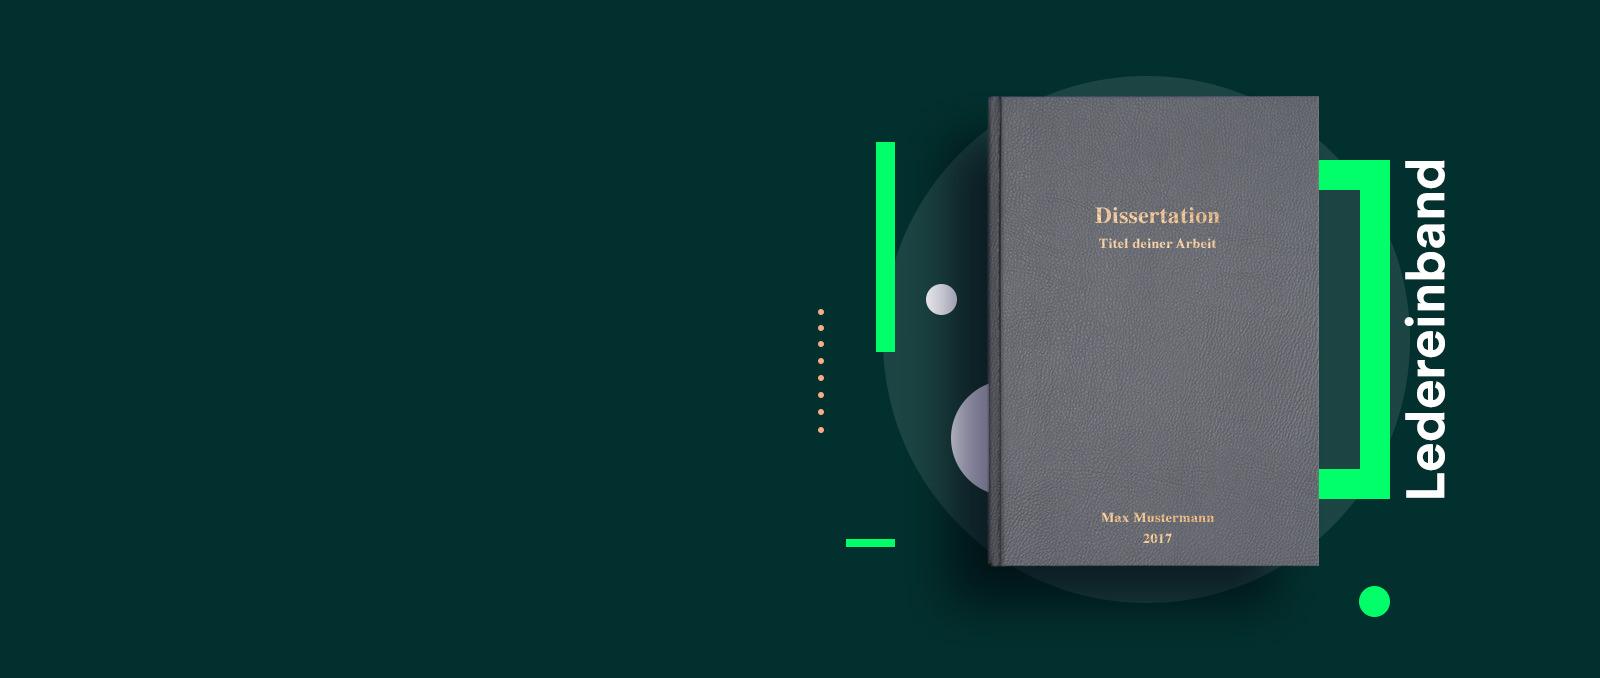 dissertation binden Dissertation & doktorarbeit drucken und binden | live-vorschau deiner bindung | next day express-lieferung ~ jetzt online bestellen.